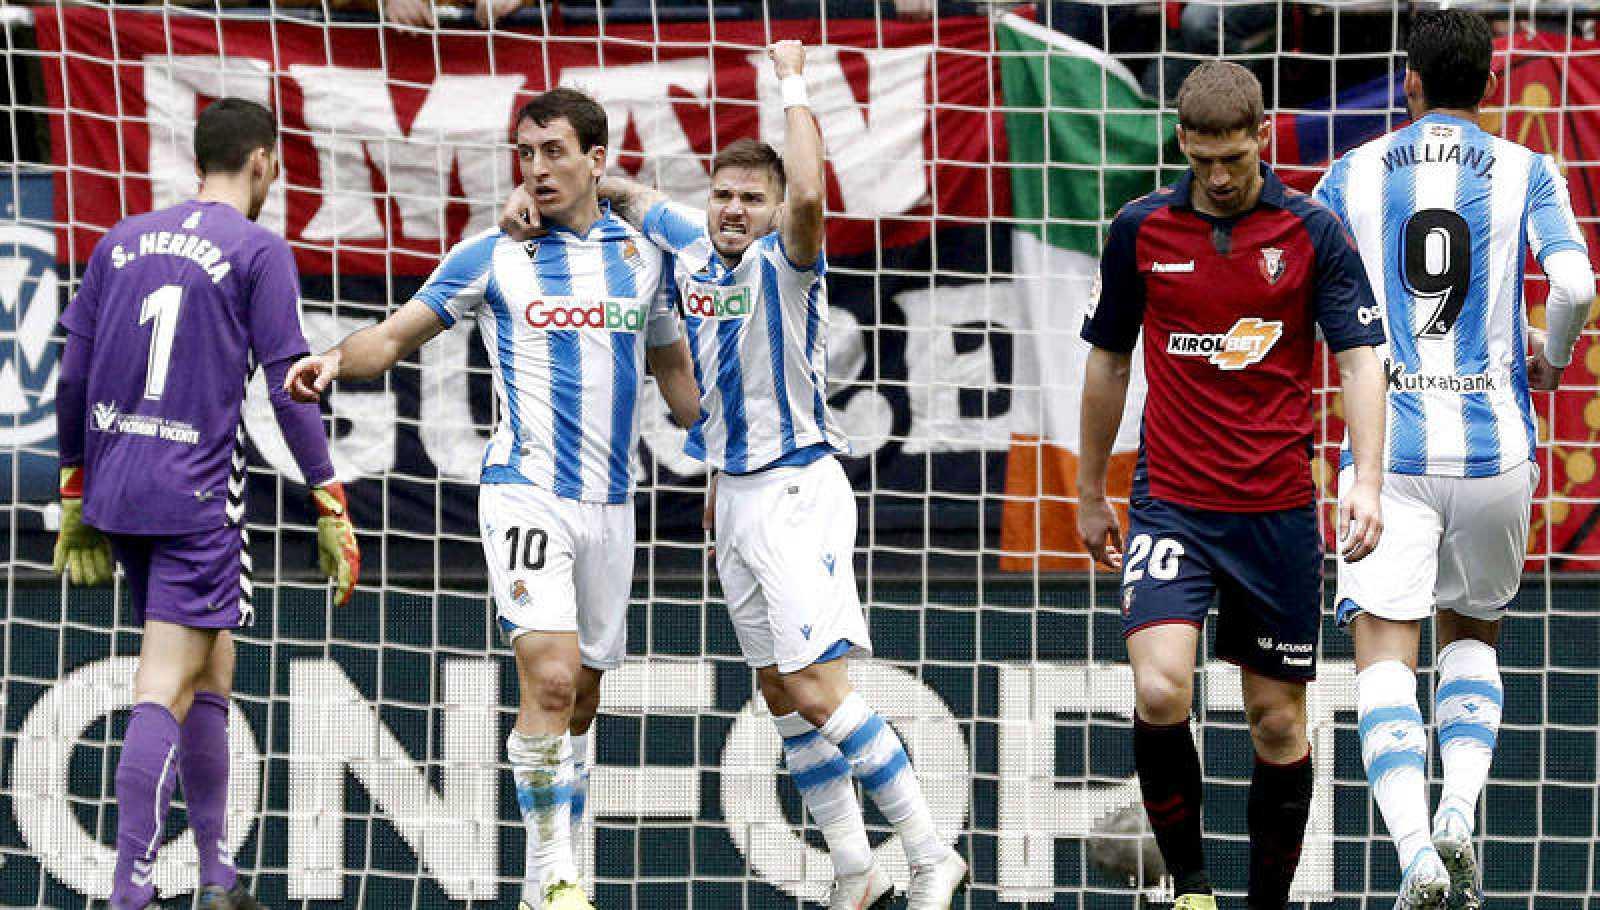 El delantero de la Real Sociedad Mikel Oyarzabal, celebra su gol ante Osasuna junto a su compañero Cristian Portugués 'Portu'.